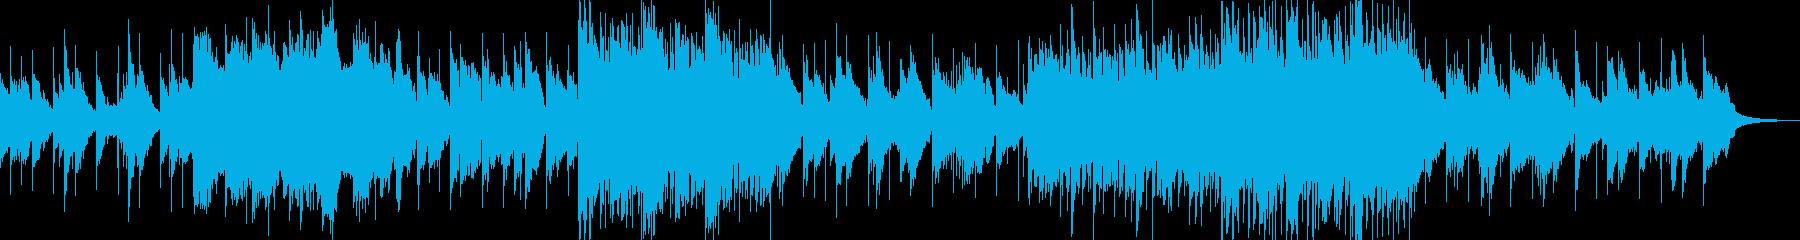 ノスタルジーなメロディの再生済みの波形